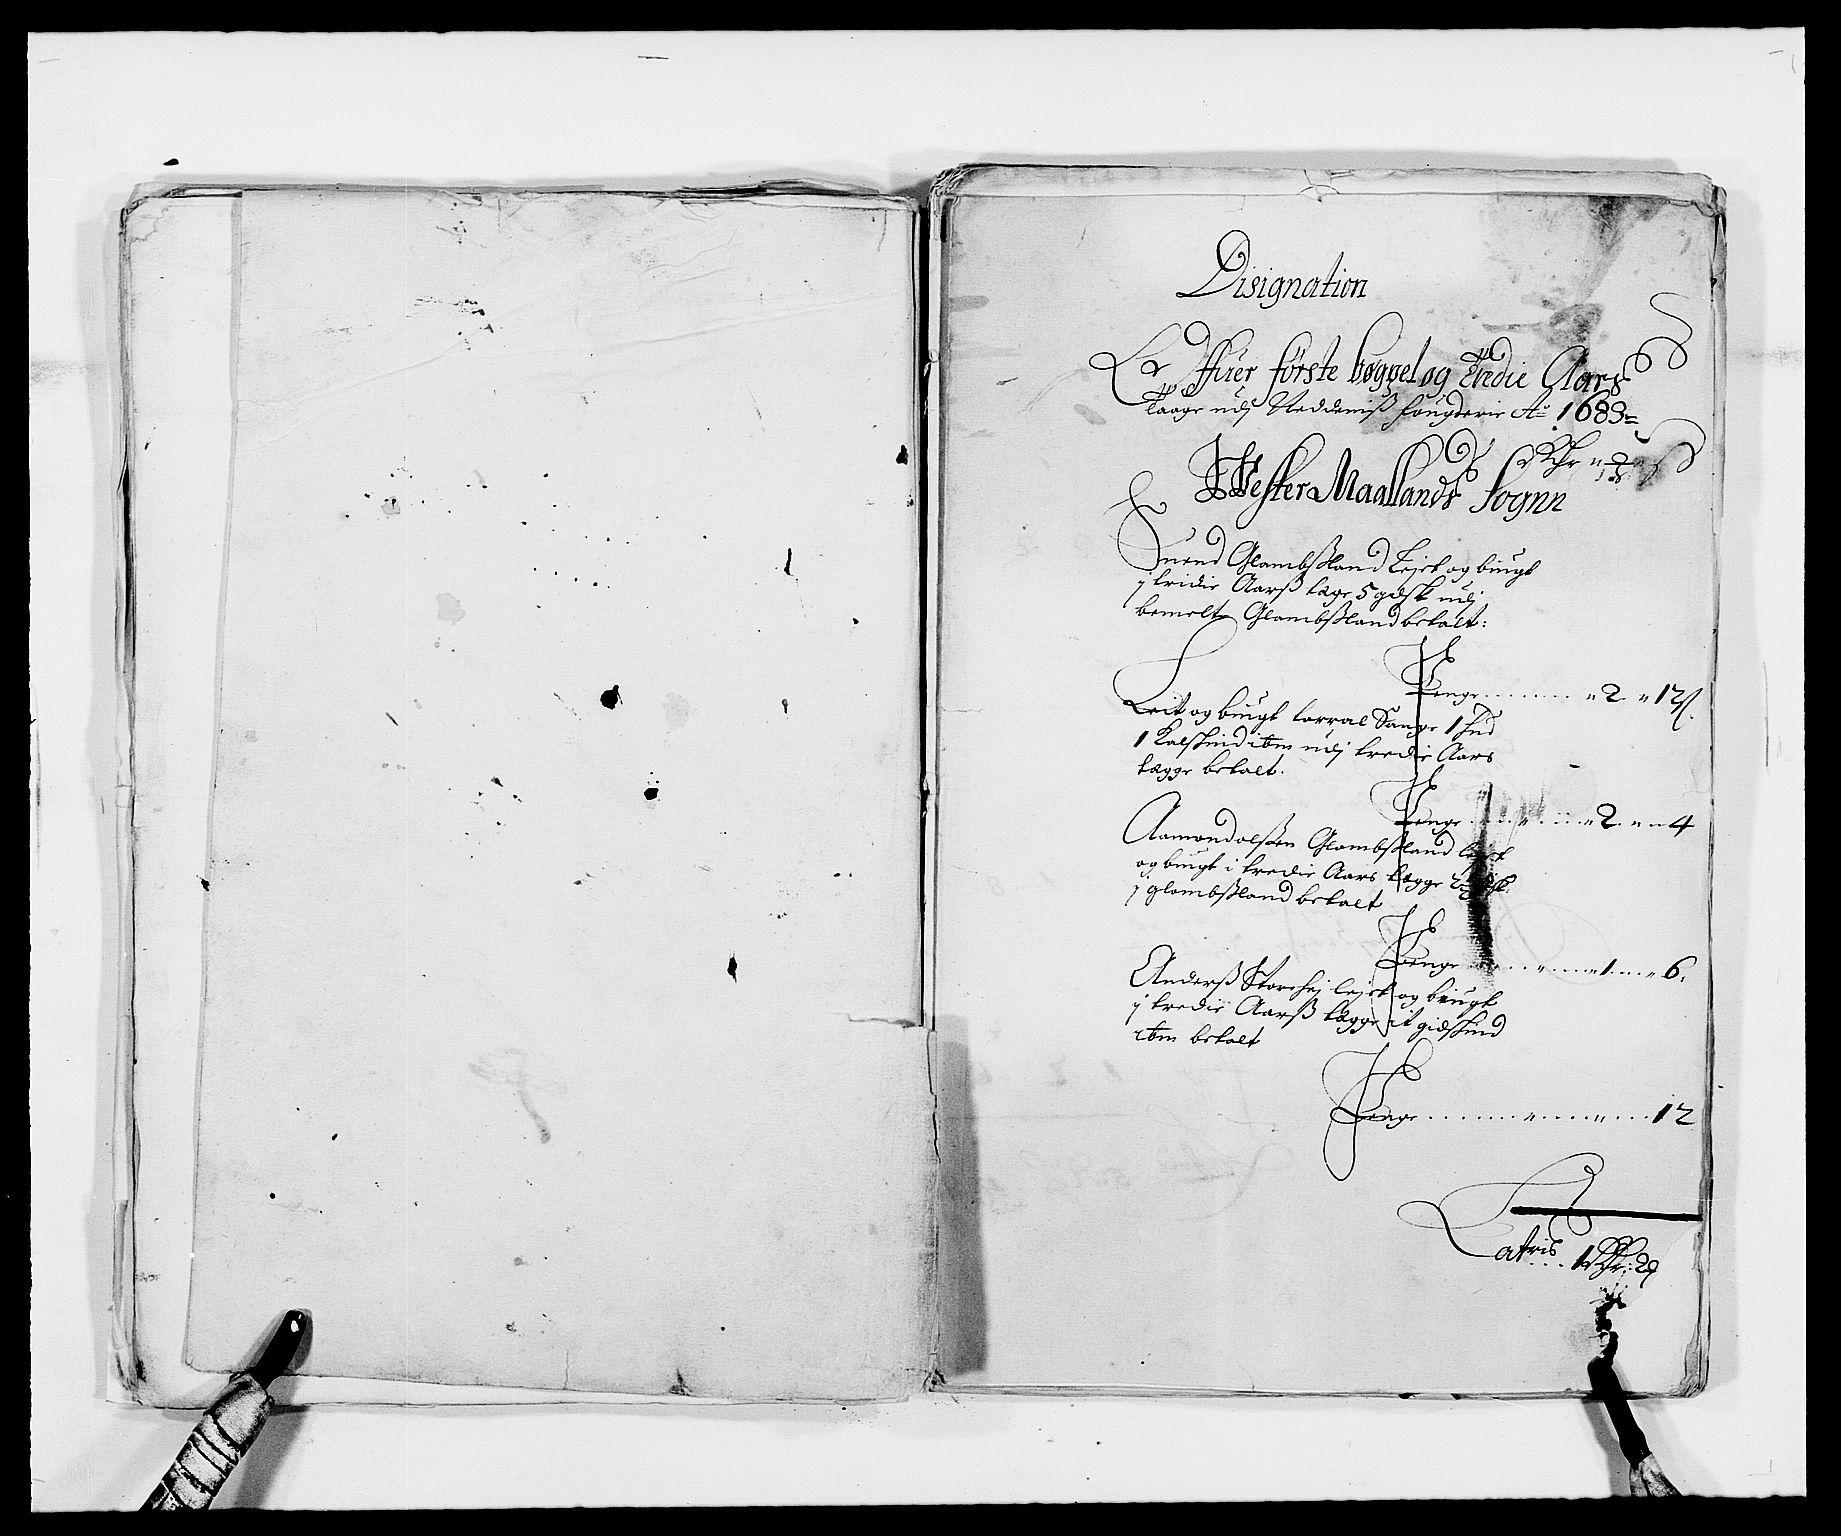 RA, Rentekammeret inntil 1814, Reviderte regnskaper, Fogderegnskap, R39/L2305: Fogderegnskap Nedenes, 1683, s. 57